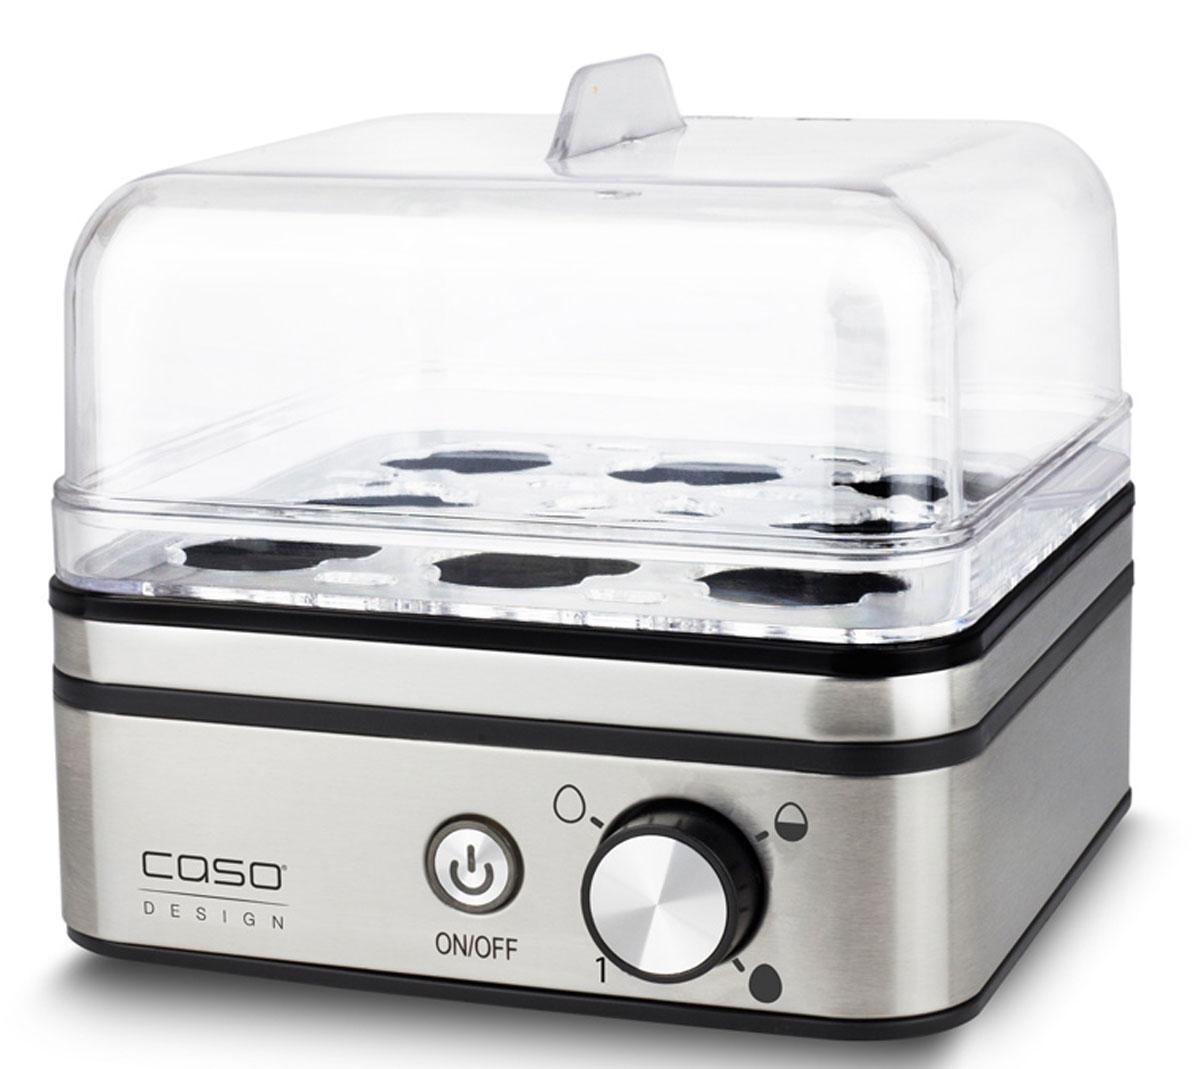 CASO E9, Silver яйцеваркаE 9C помощью яйцеварки CASO E 9 яйца готовятся на пару, при этом используется минимальное количество воды. Каждое яйцо помещается в свое гнездышко, поэтому яйца не соприкасаются друг с другом, а значит, не трескаются и не вытекают.Электронное регулирование времени приготовленияЗащита от выкипанияАнтипригарное покрытие варочной емкостиПрозрачная пластиковая крышкаМерный стаканчик с приспособлением для накалывания яицСъемная подставка для яиц из нержавеющей стали